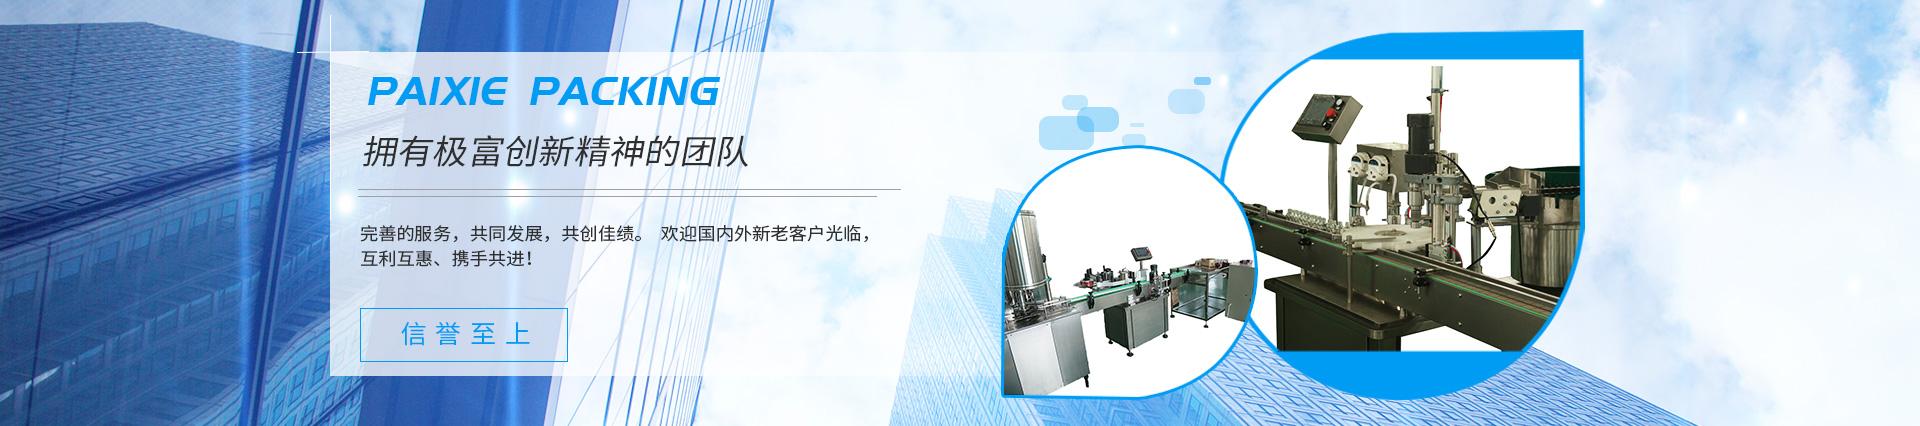 上海派协包装机械有限公司